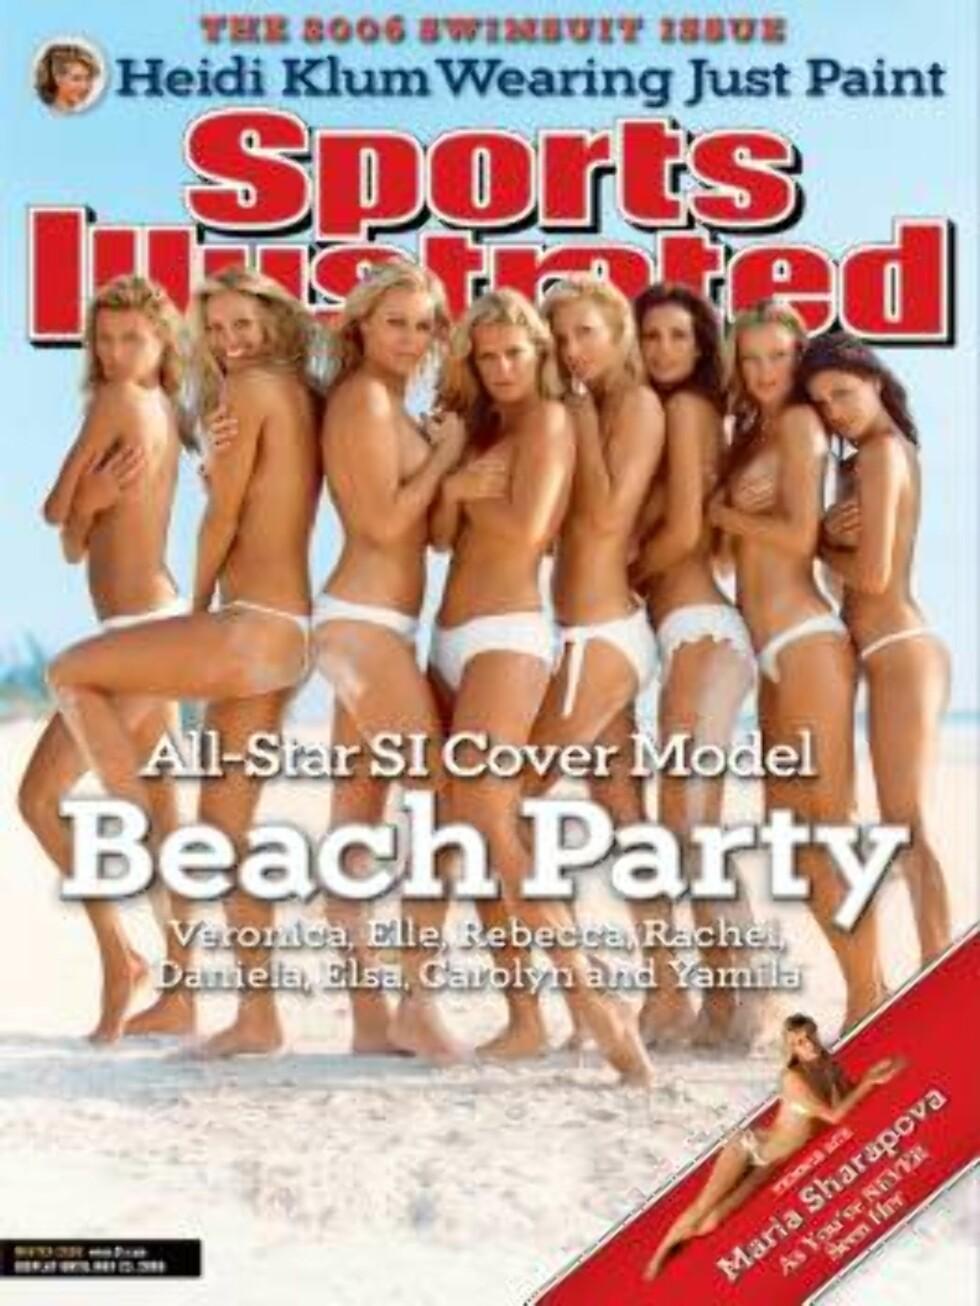 2006. For en gjeng!  Modeller: Tidligere modeller for Sports Illustrated, og Maria Sharapova. Foto: Sports Illustrated